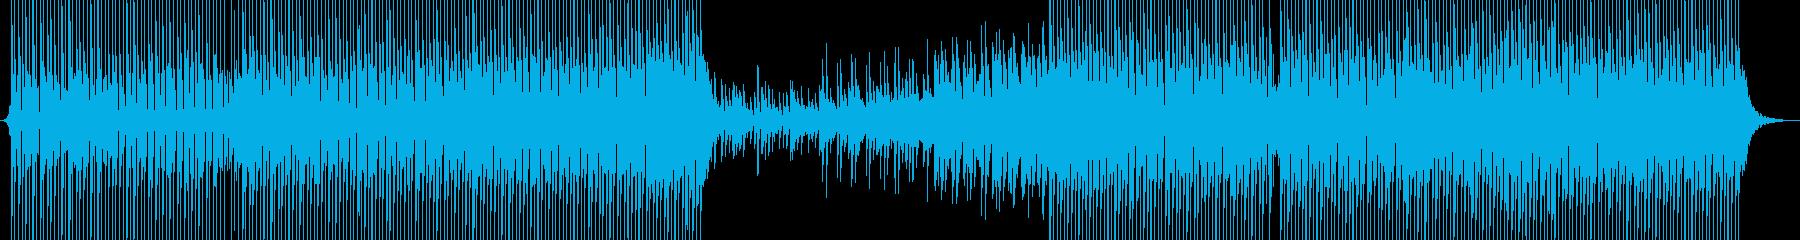 ポップ テクノ ほのぼの 幸せ フ...の再生済みの波形